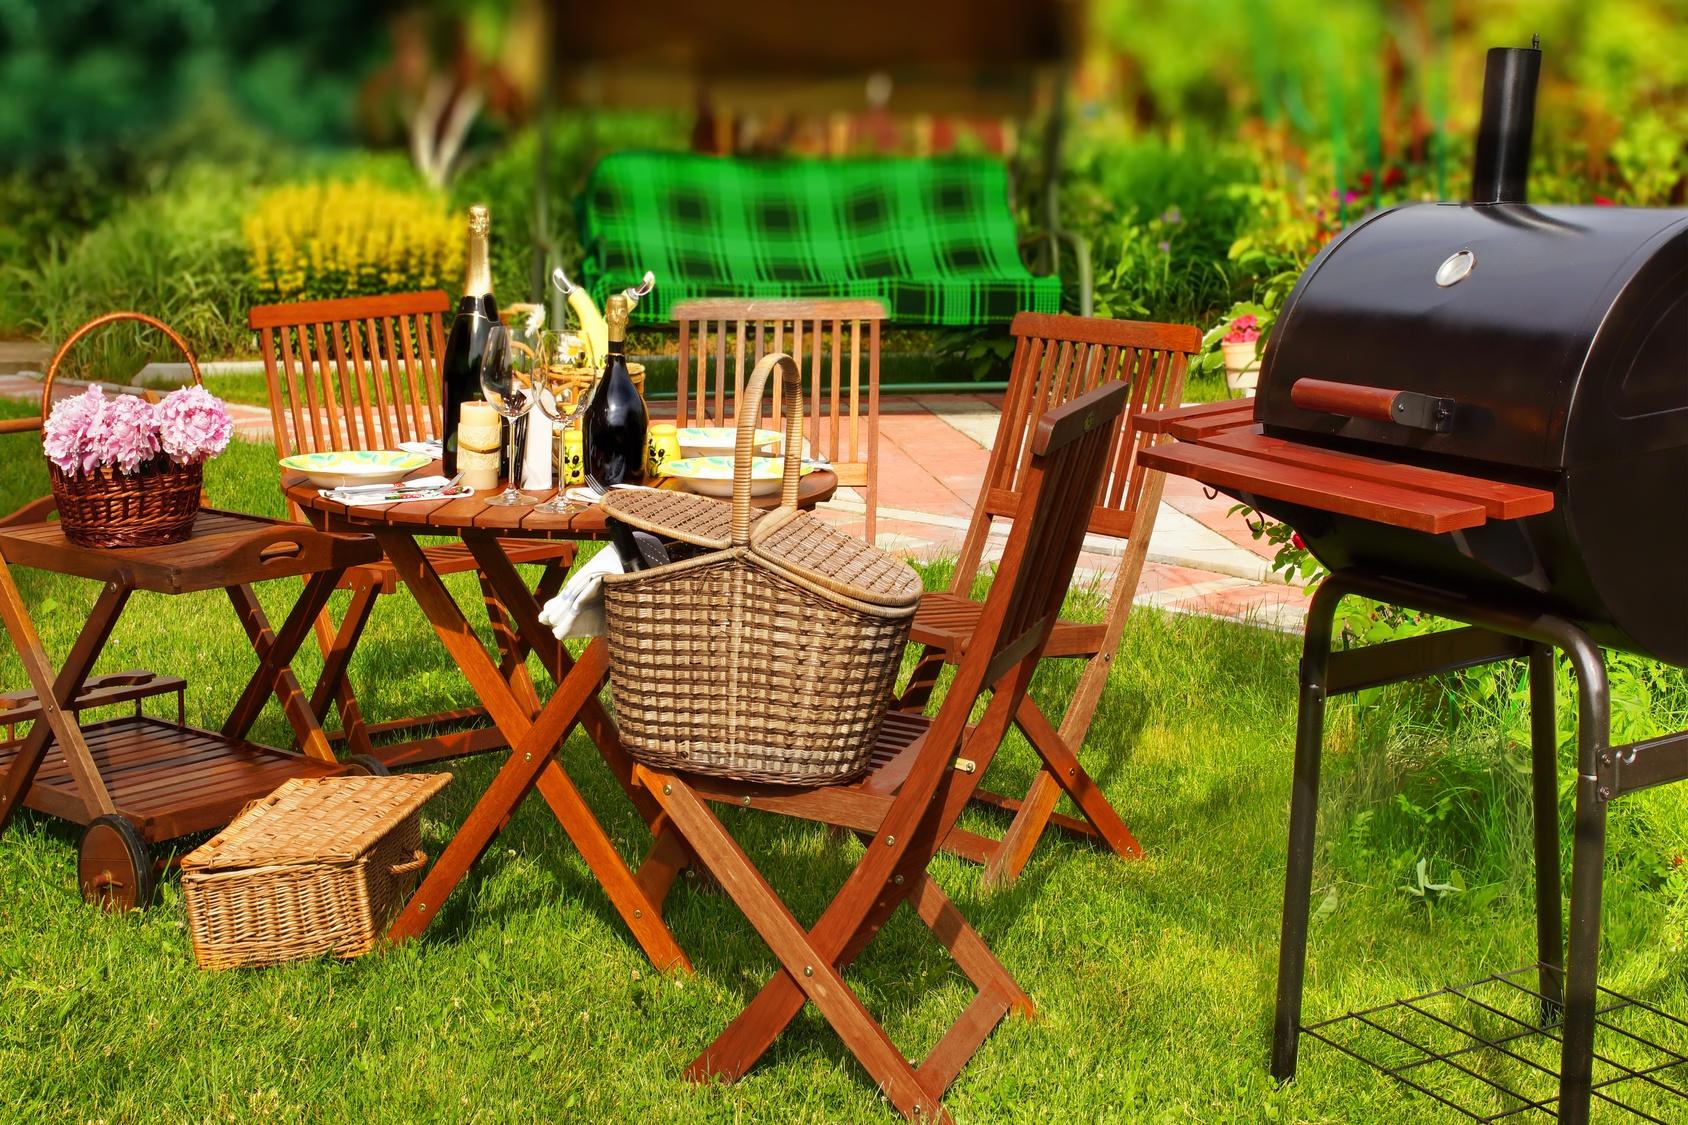 Des idées de mobilier de jardin pour votre terrasse - Les conseils ...